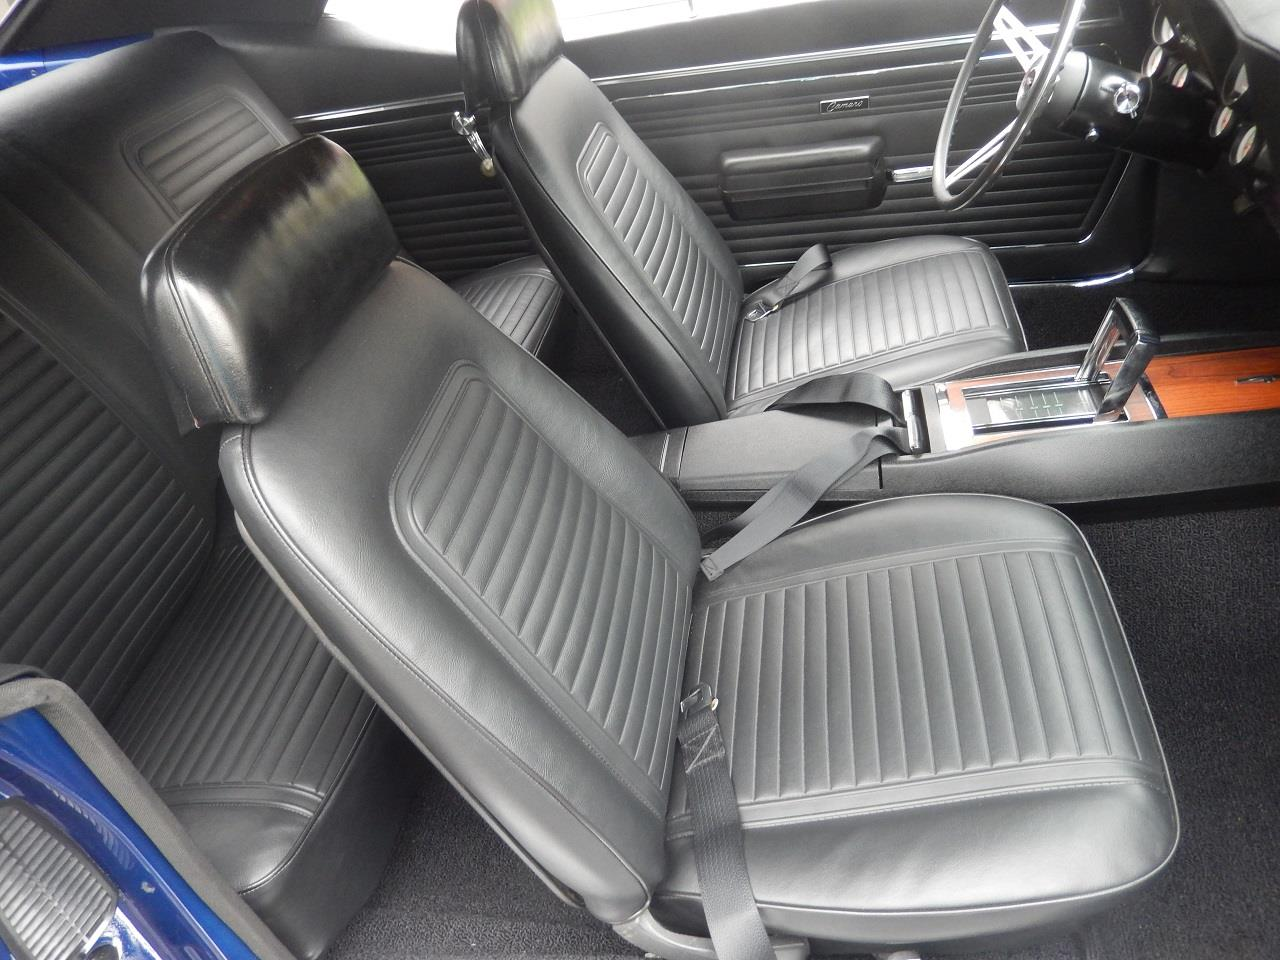 1969 Chevrolet Camaro RS (CC-1274995) for sale in Clarkston, Michigan